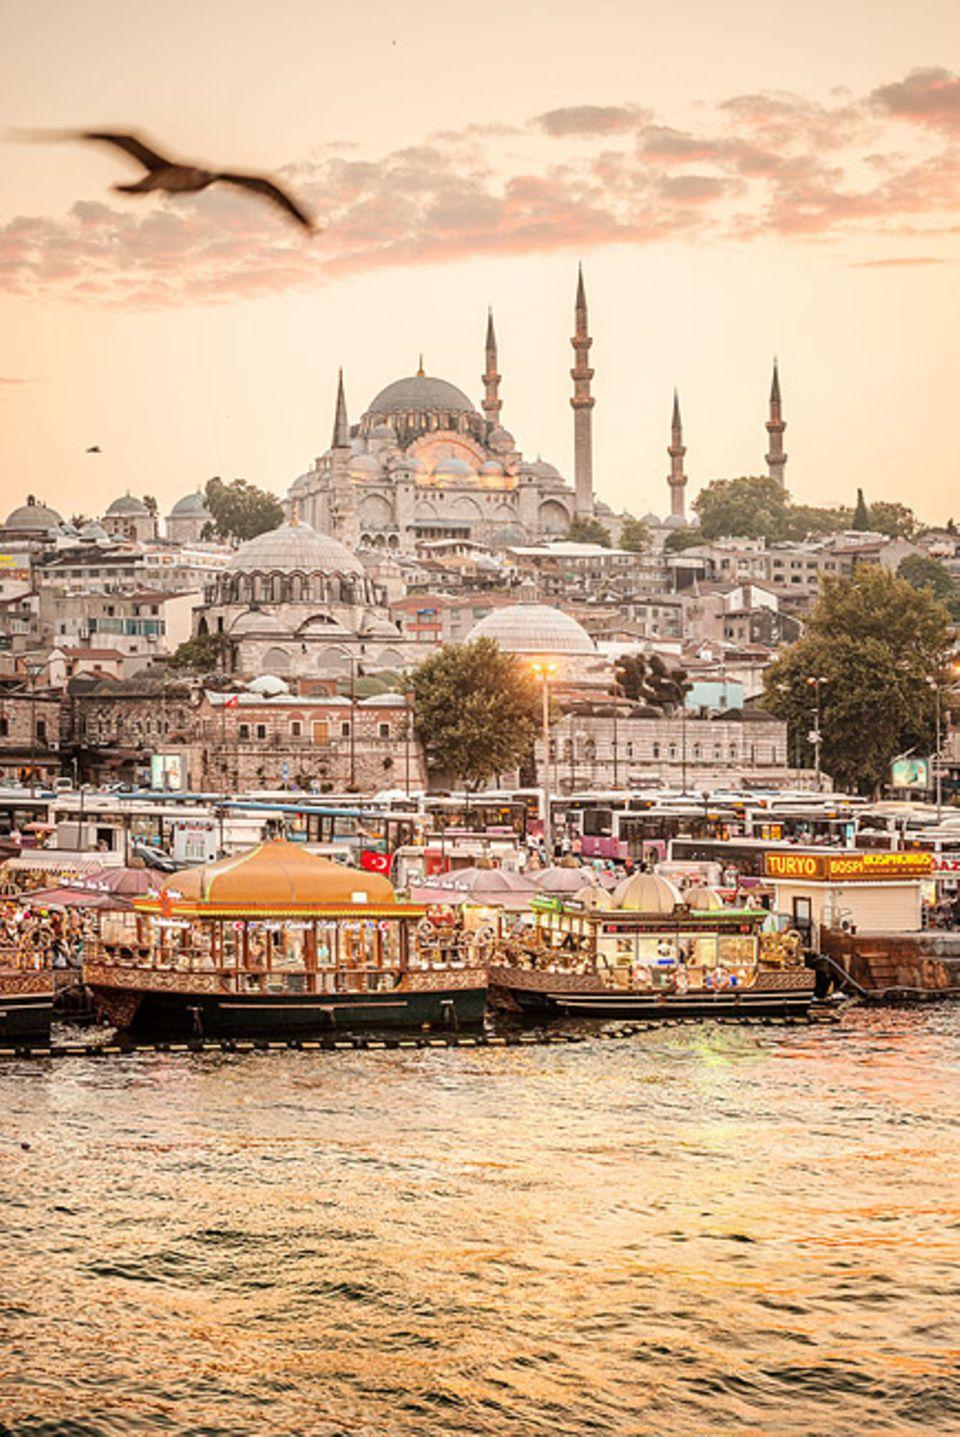 Reisetipps: Die Sueleymaniye Moschee ist eine der größten der Stadt und wurde im 16. Jahrhundert in nur sieben Jahren erbaut